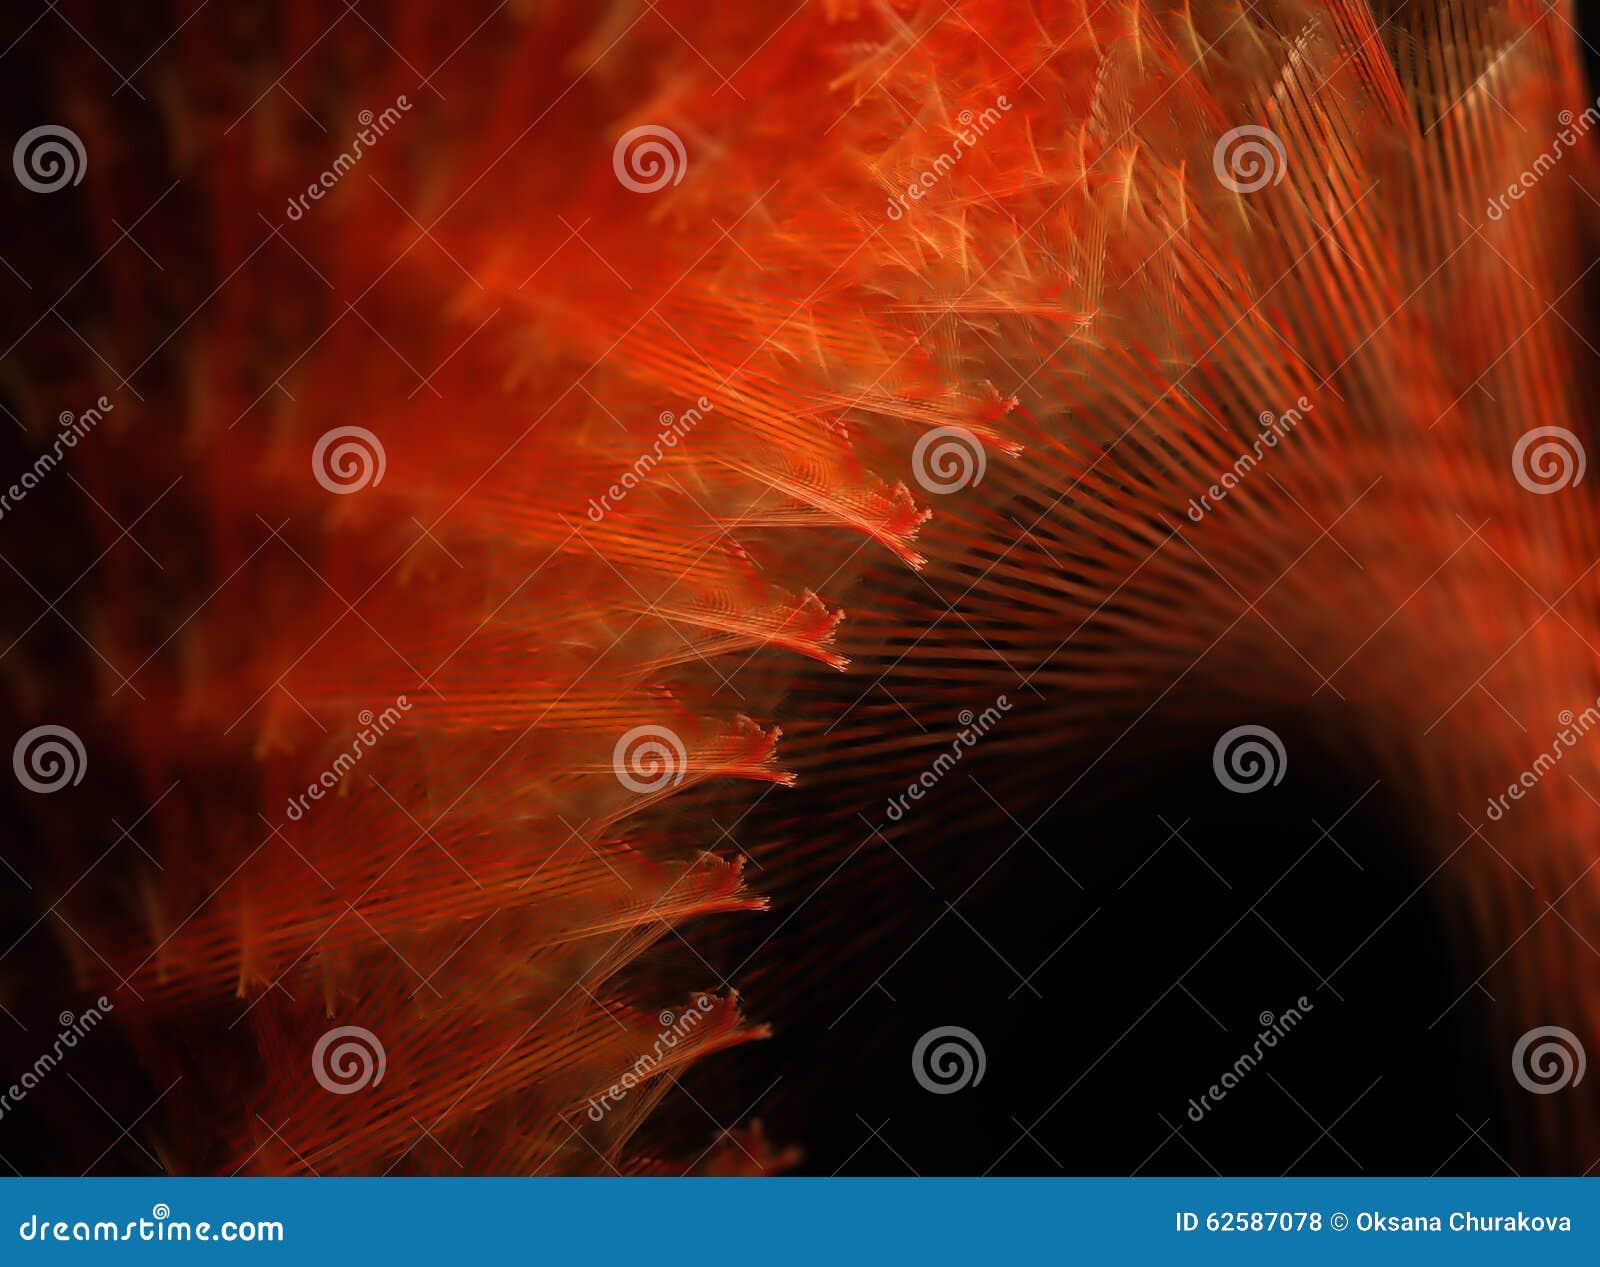 Fiery fractal spiral